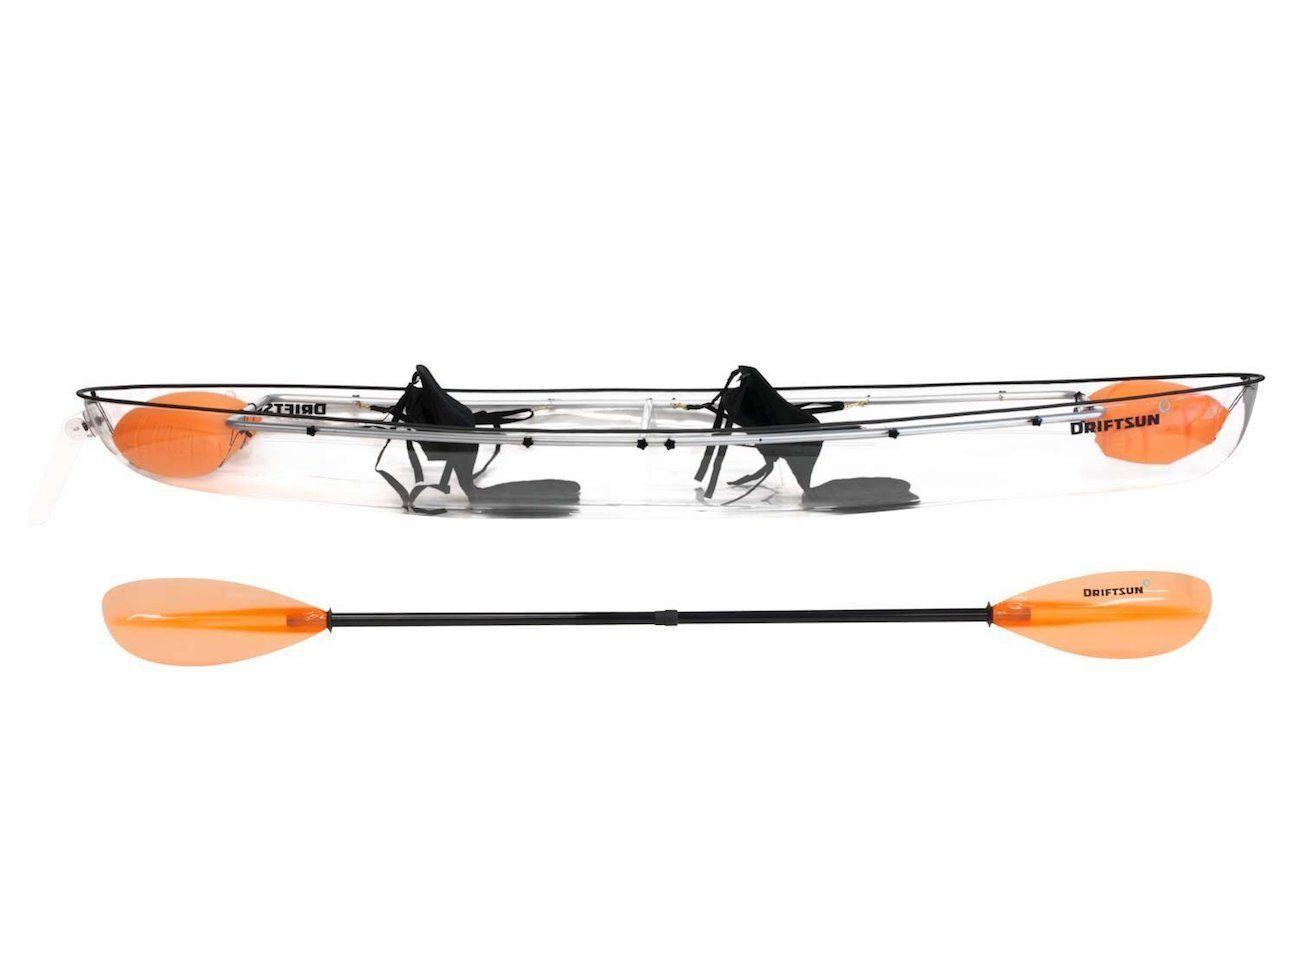 Driftsun 2-Person Transparent Kayak